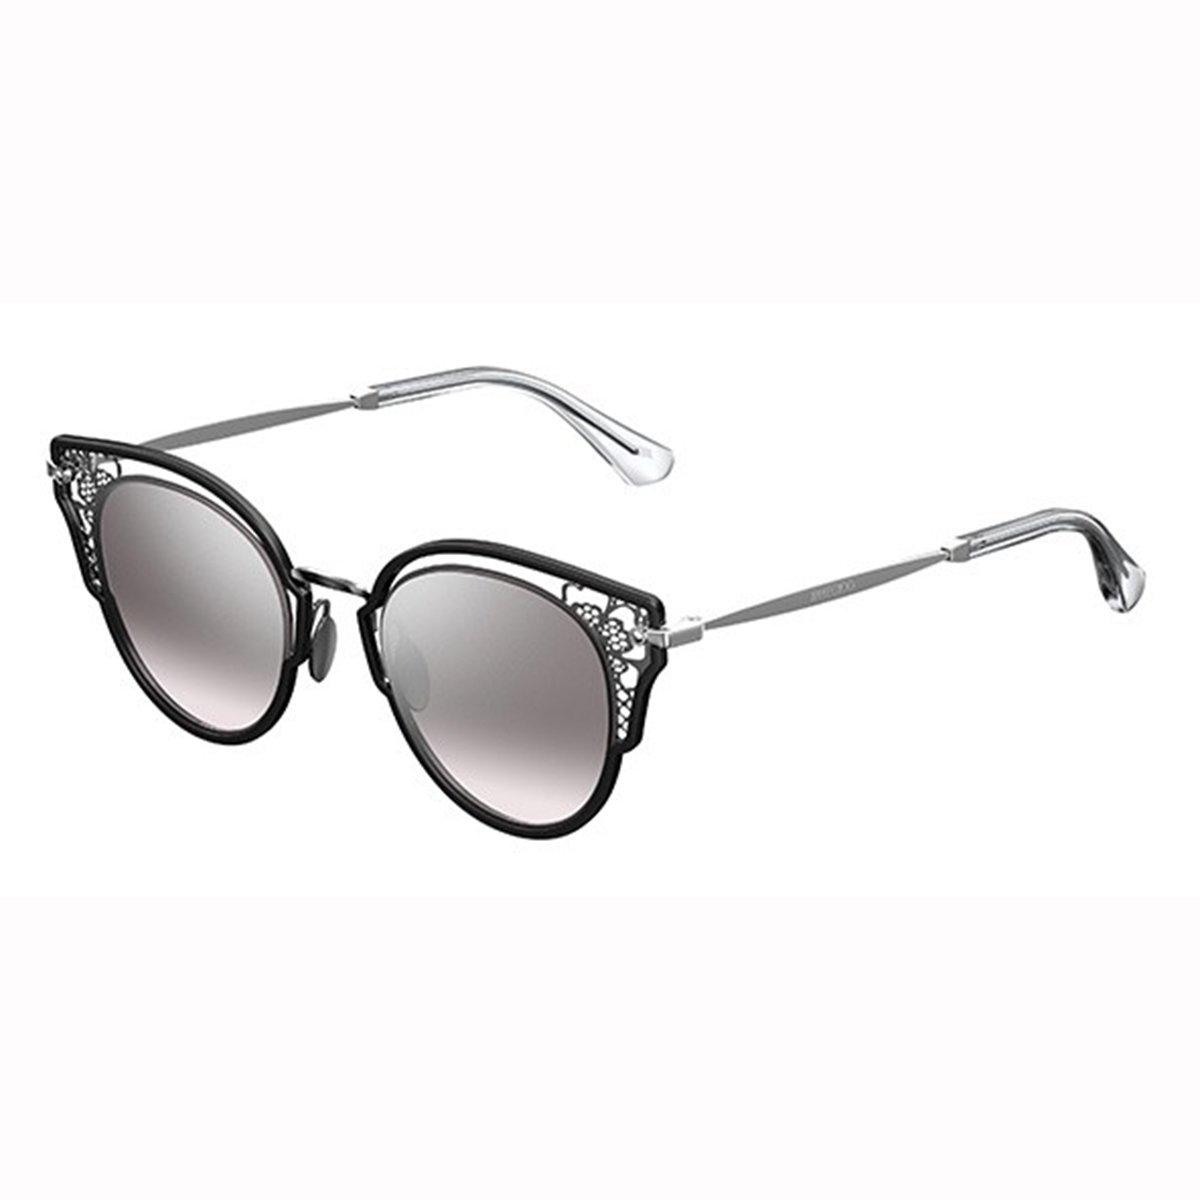 fbc940a1e72ff Compre Óculos de Sol Jimmy Choo em 10X   Tri-Jóia Shop